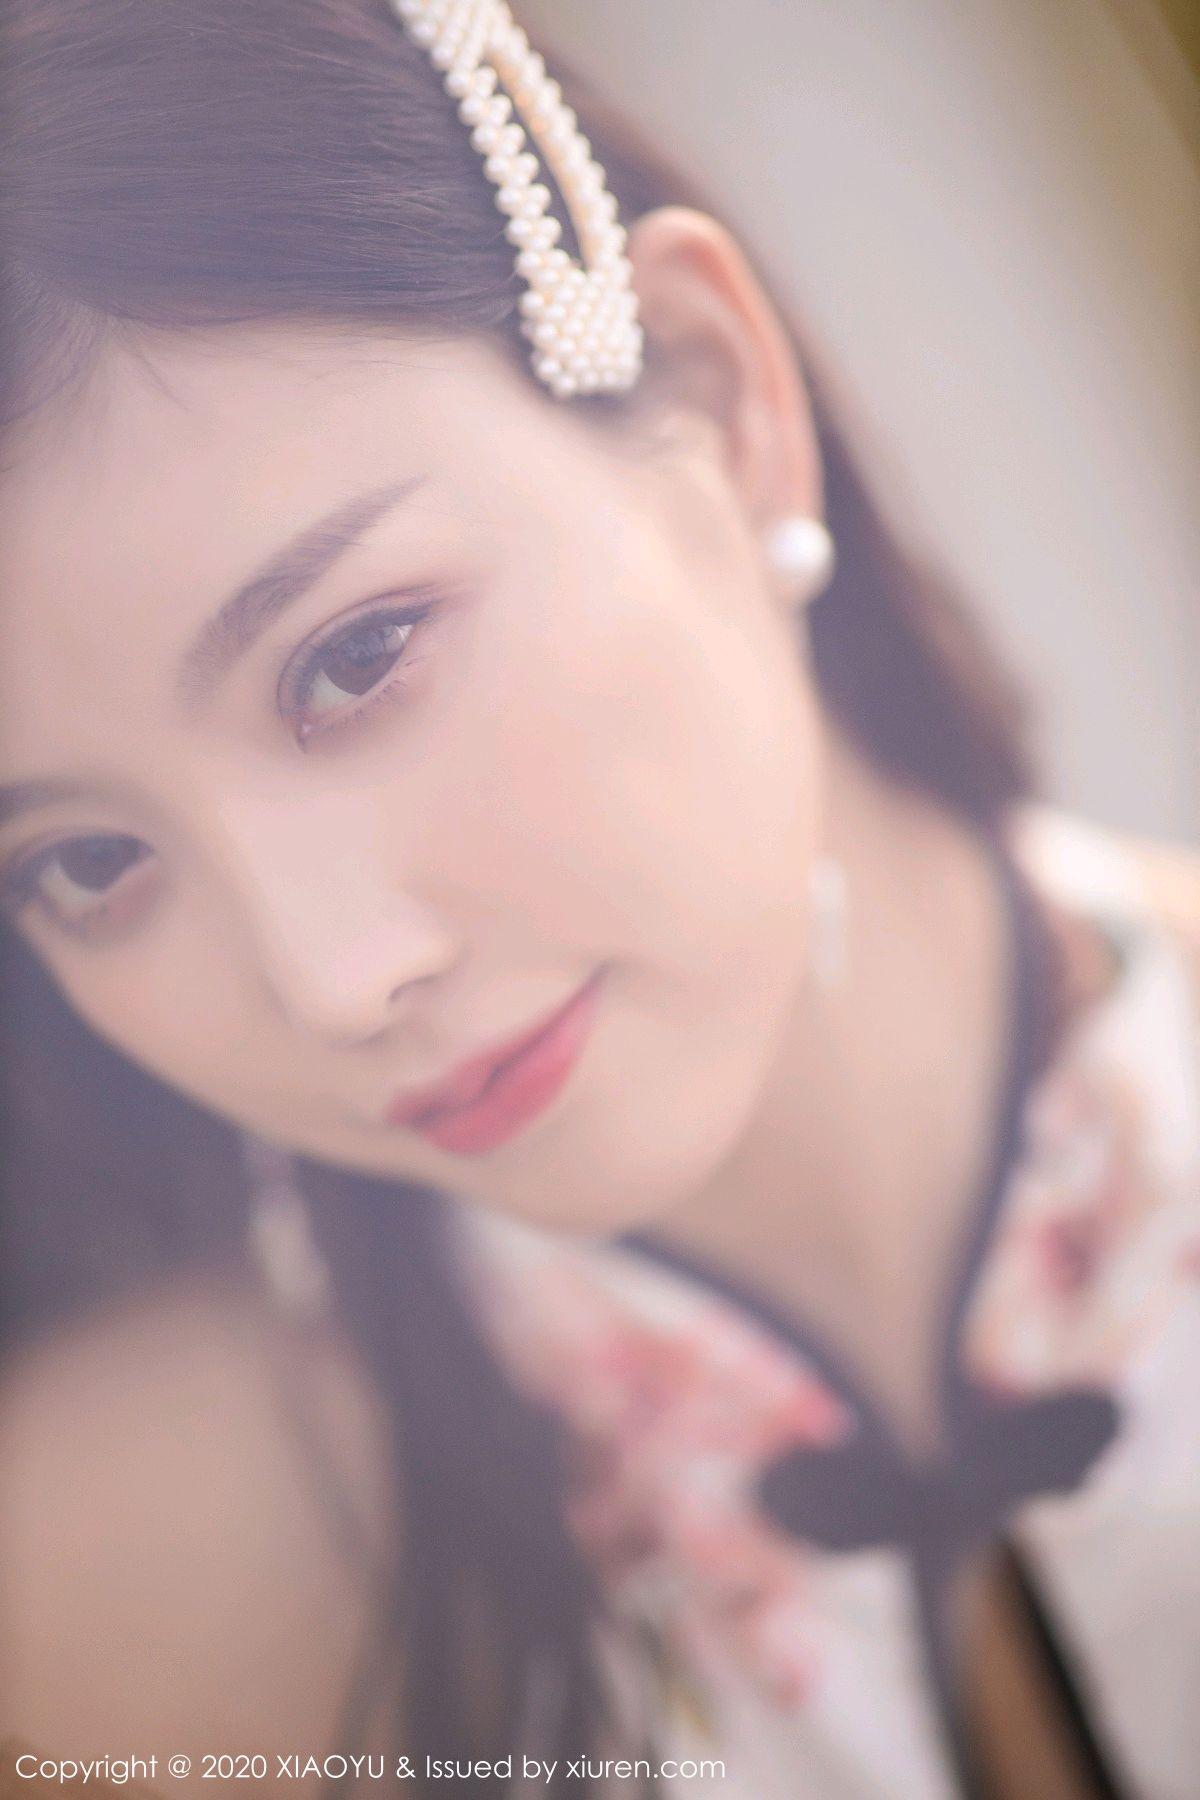 [XiaoYu] Vol.233 Yang Chen Chen 105P, Cheongsam, Foot, XiaoYu, Yang Chen Chen